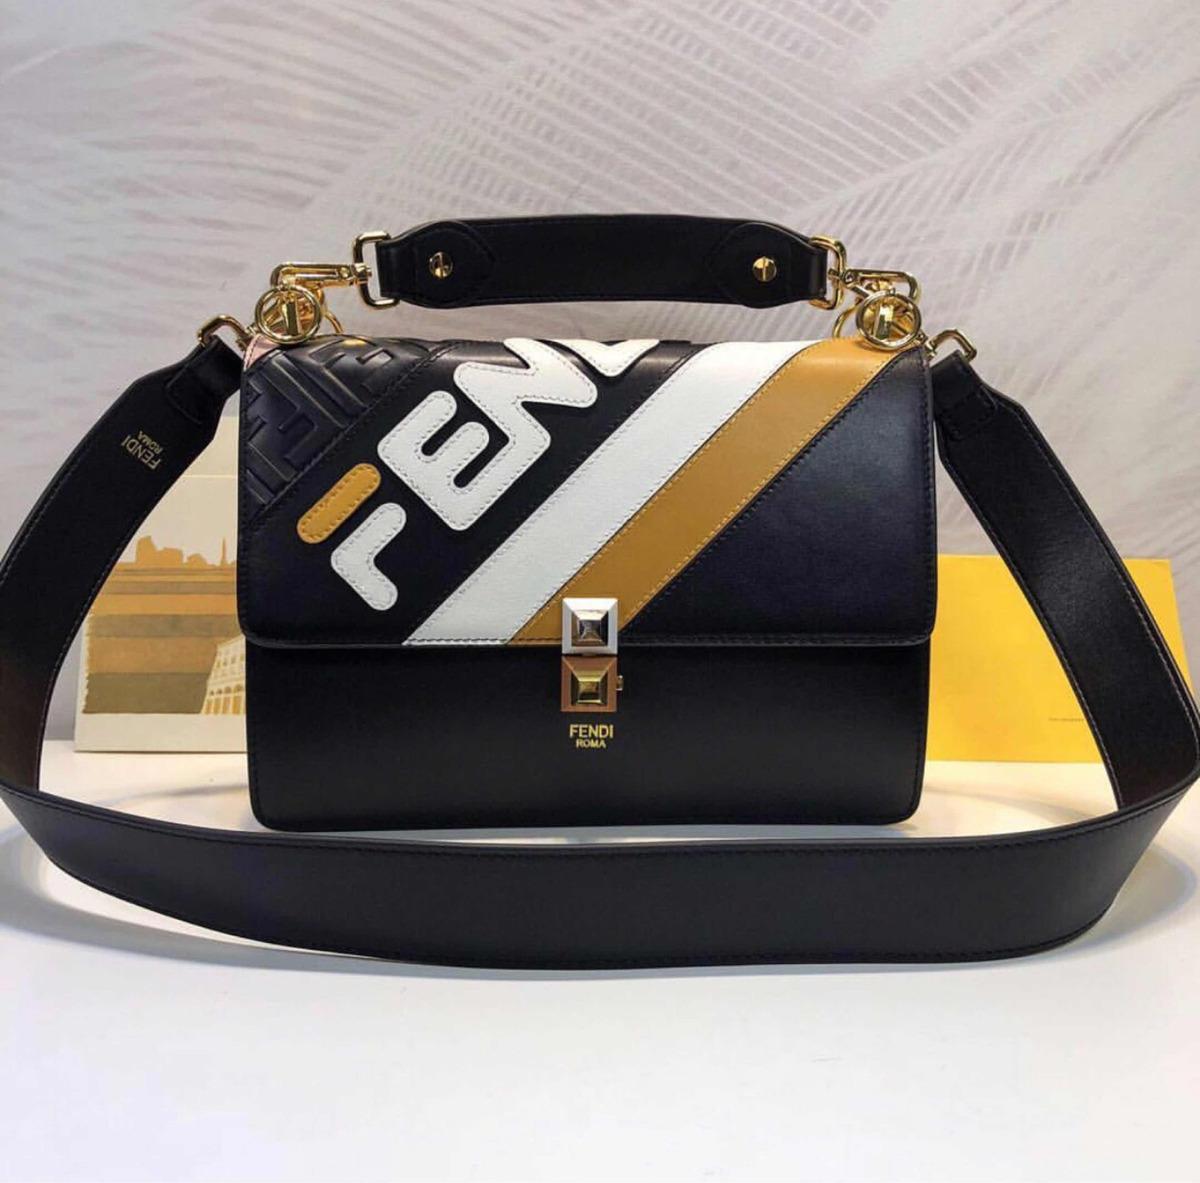 fa63bc134 Bolsa Fendi X Fila Kan - Importada (couro Original) - R$ 2.445,00 em ...